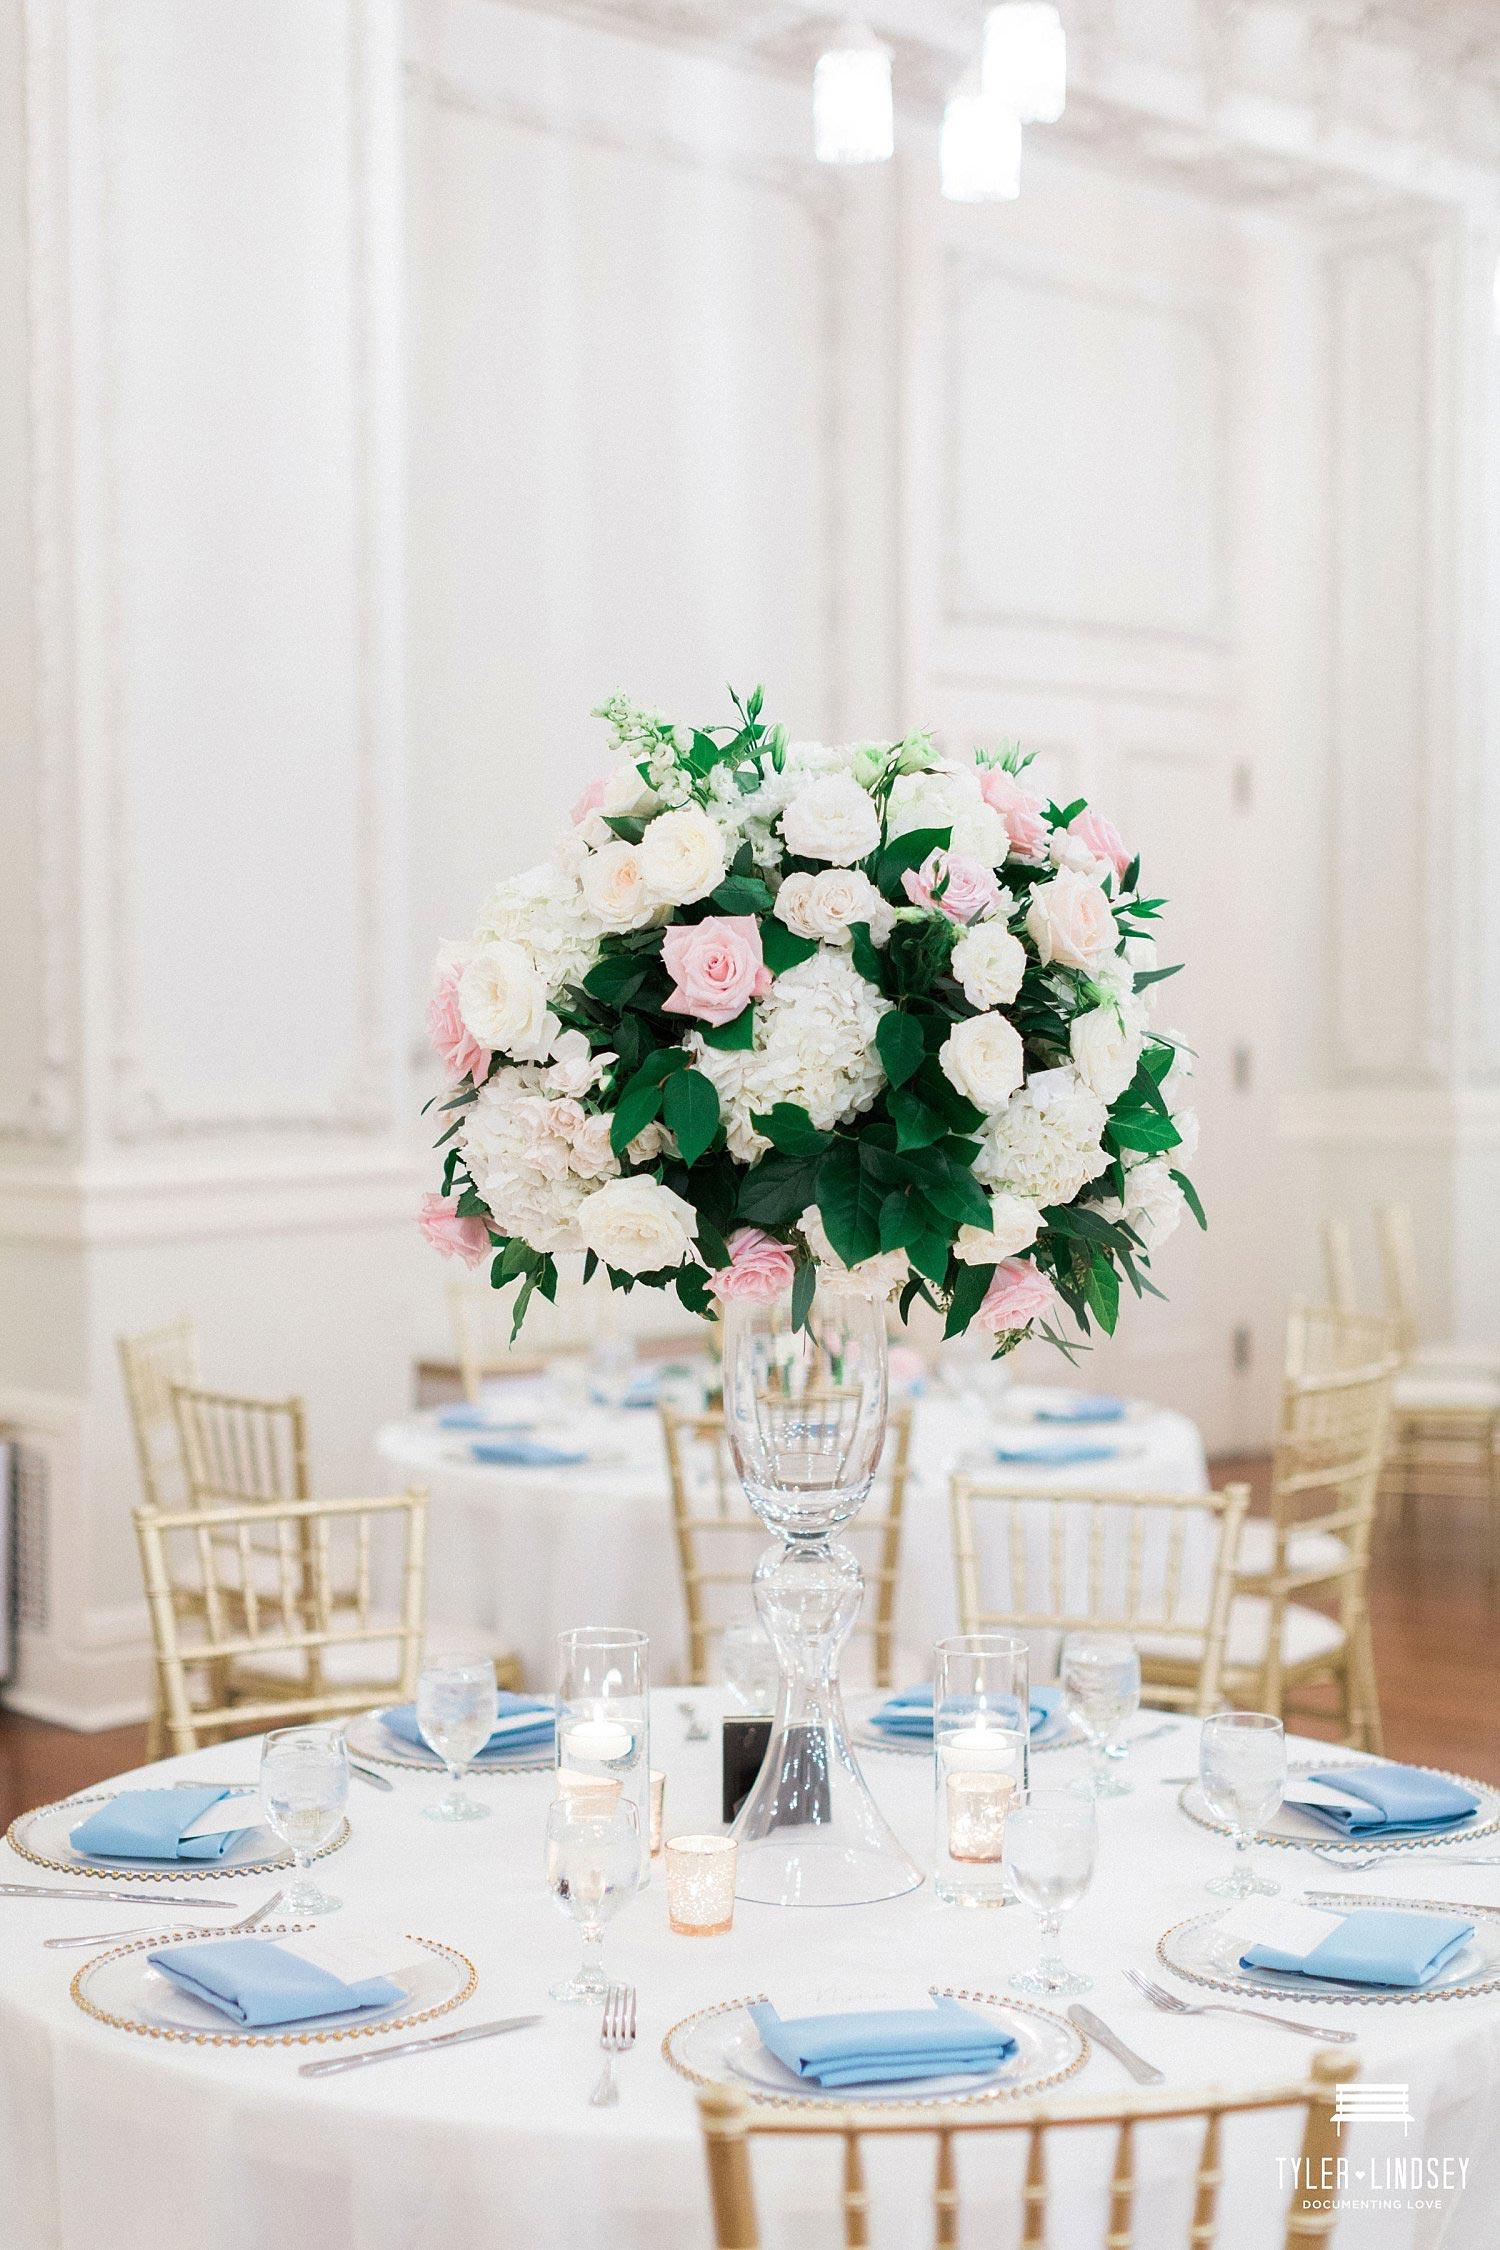 Dallas_Scottish_Rite_Wedding0047.jpg